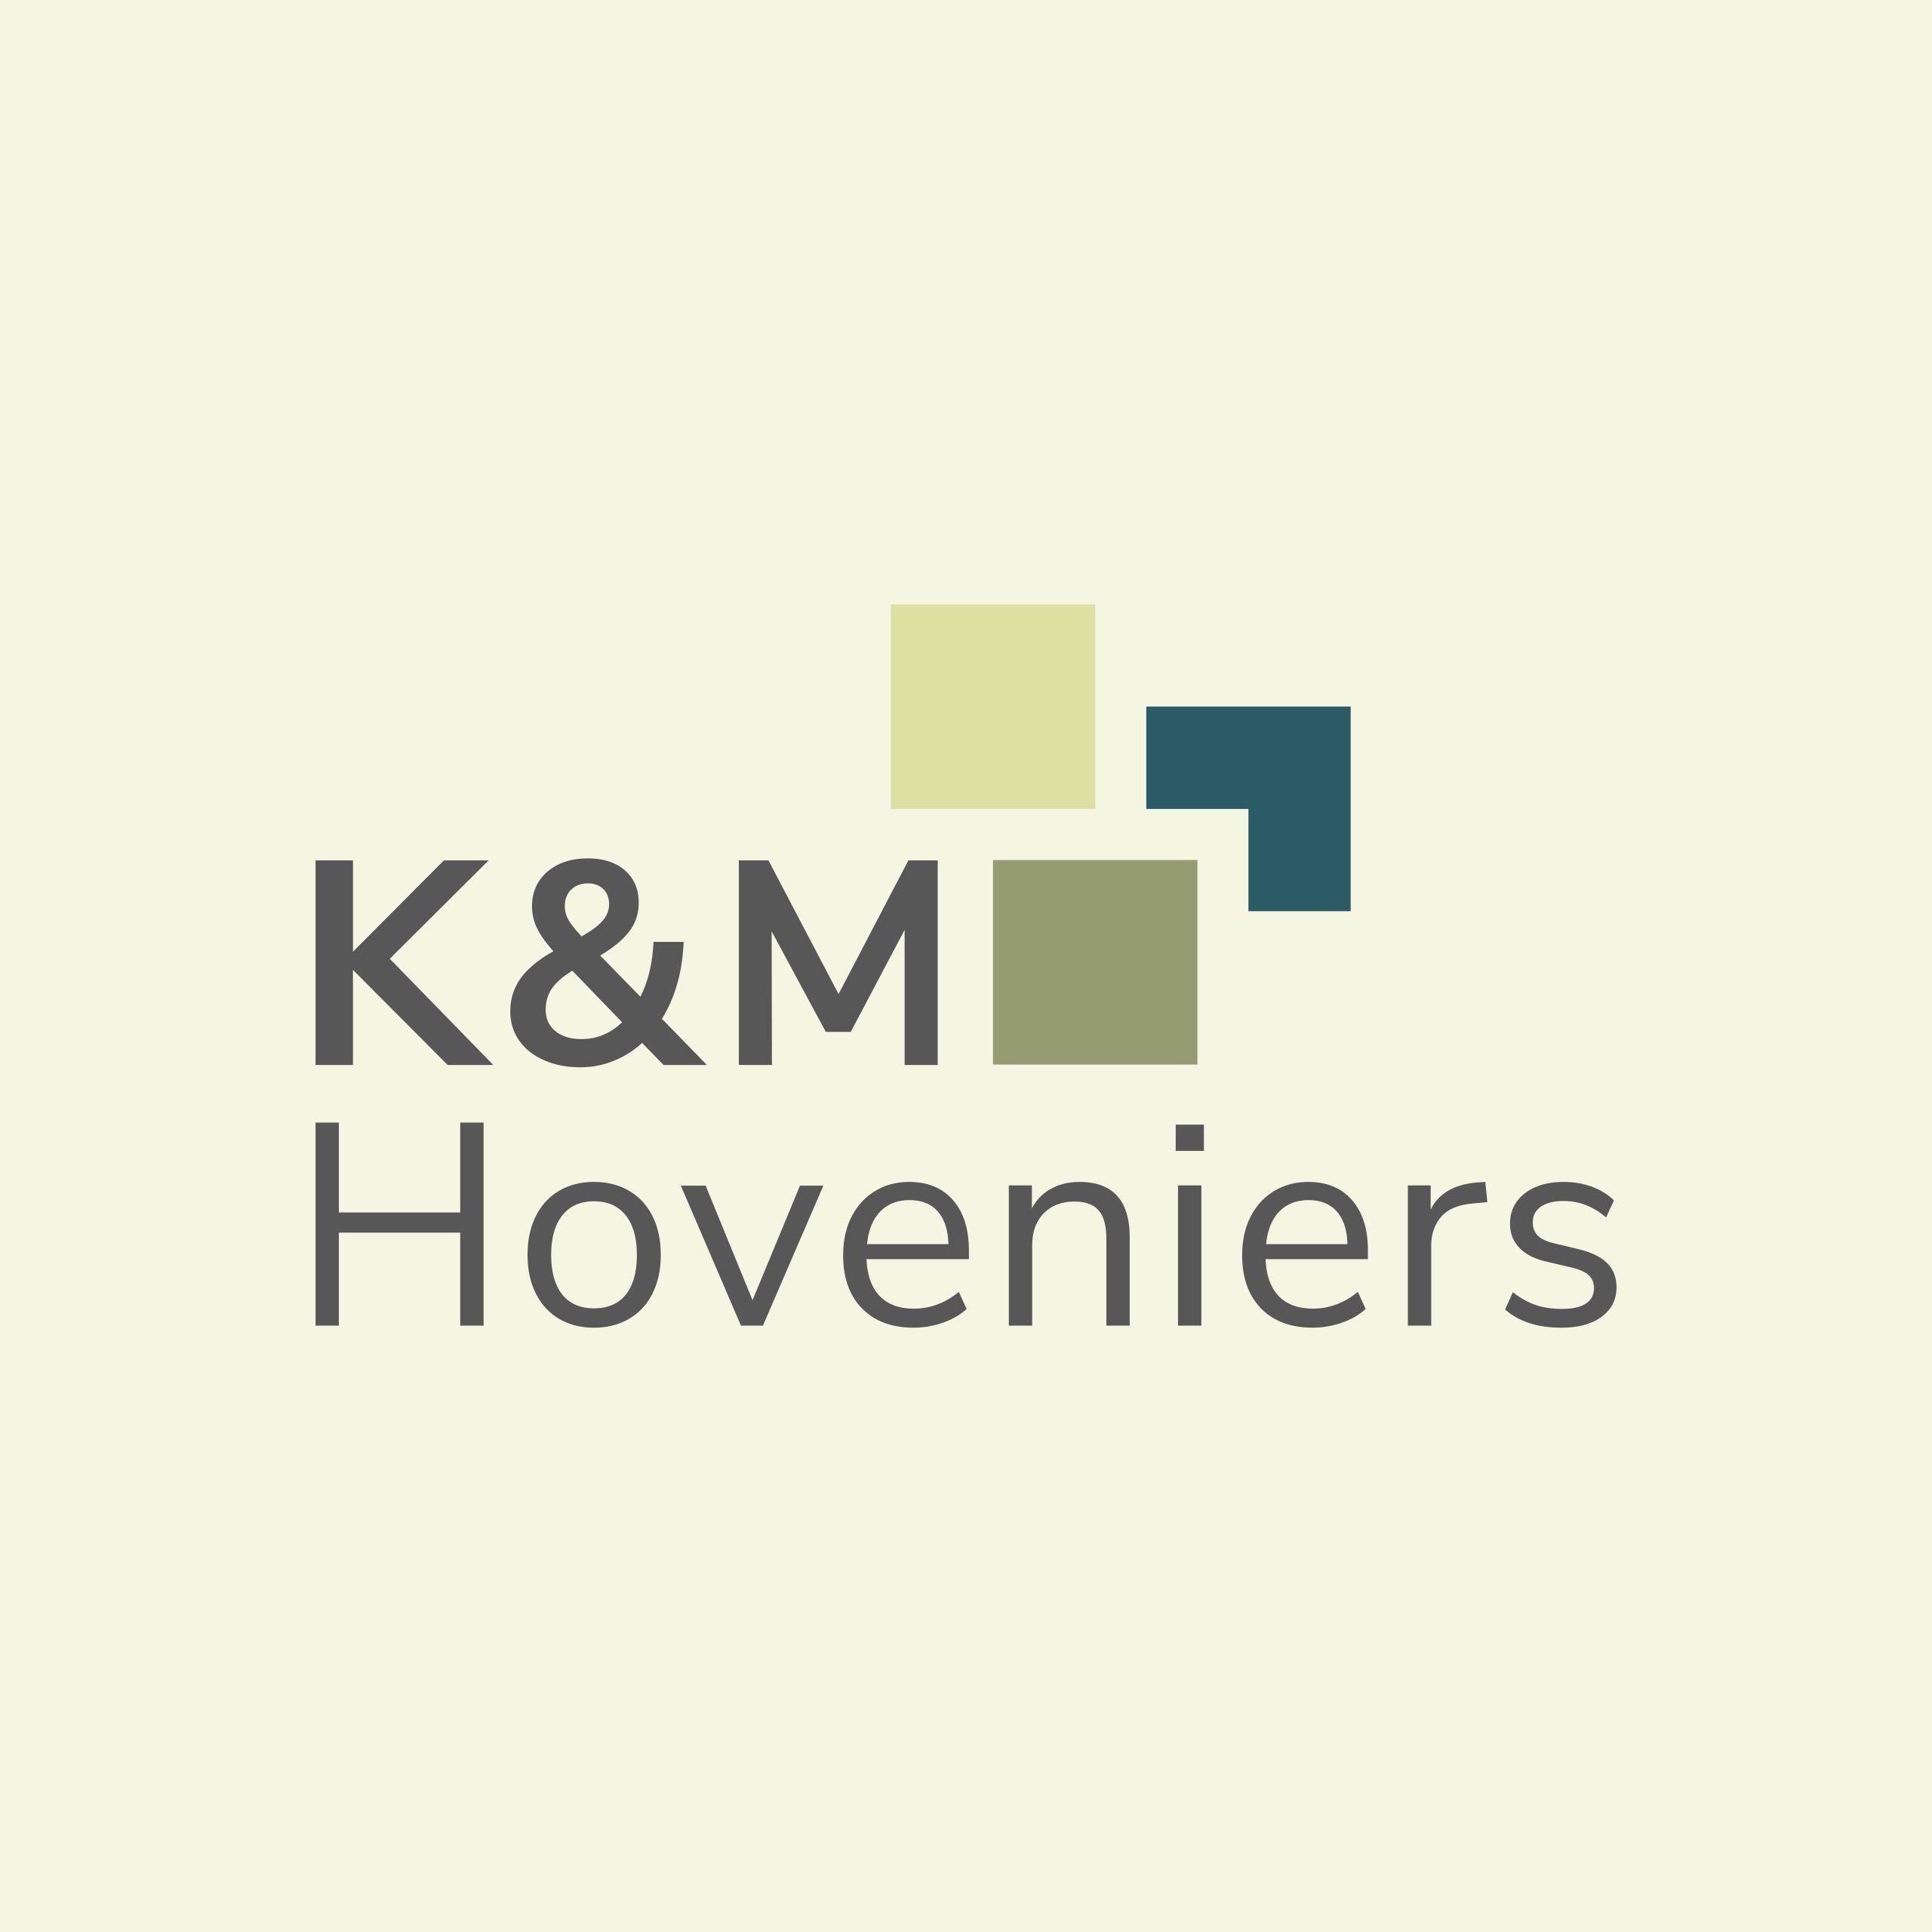 K&M Hoveniers